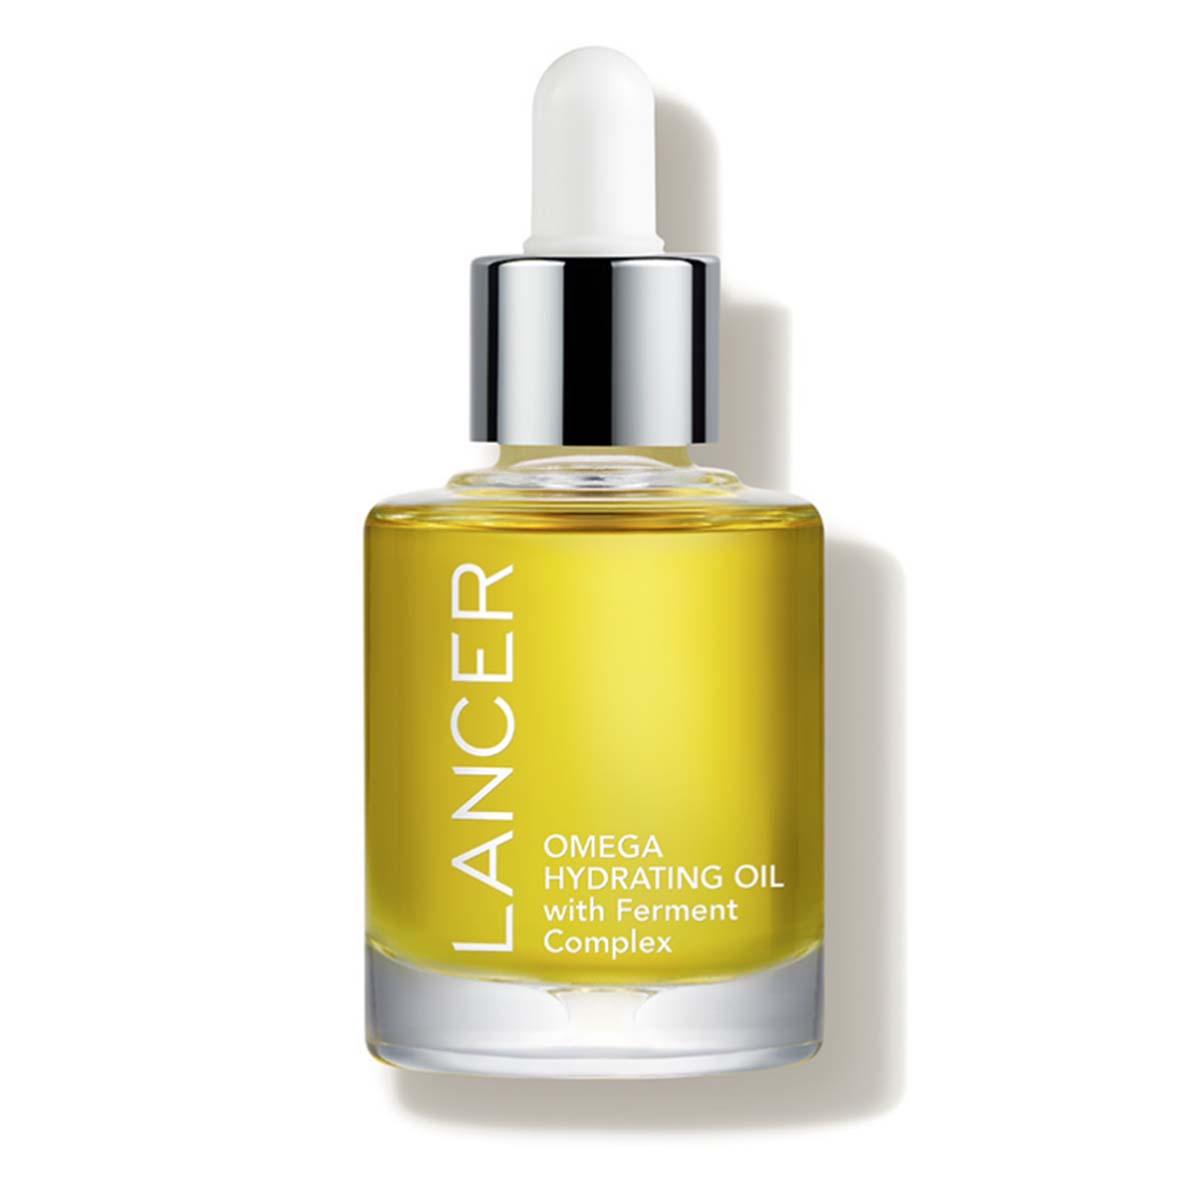 Lancer oil